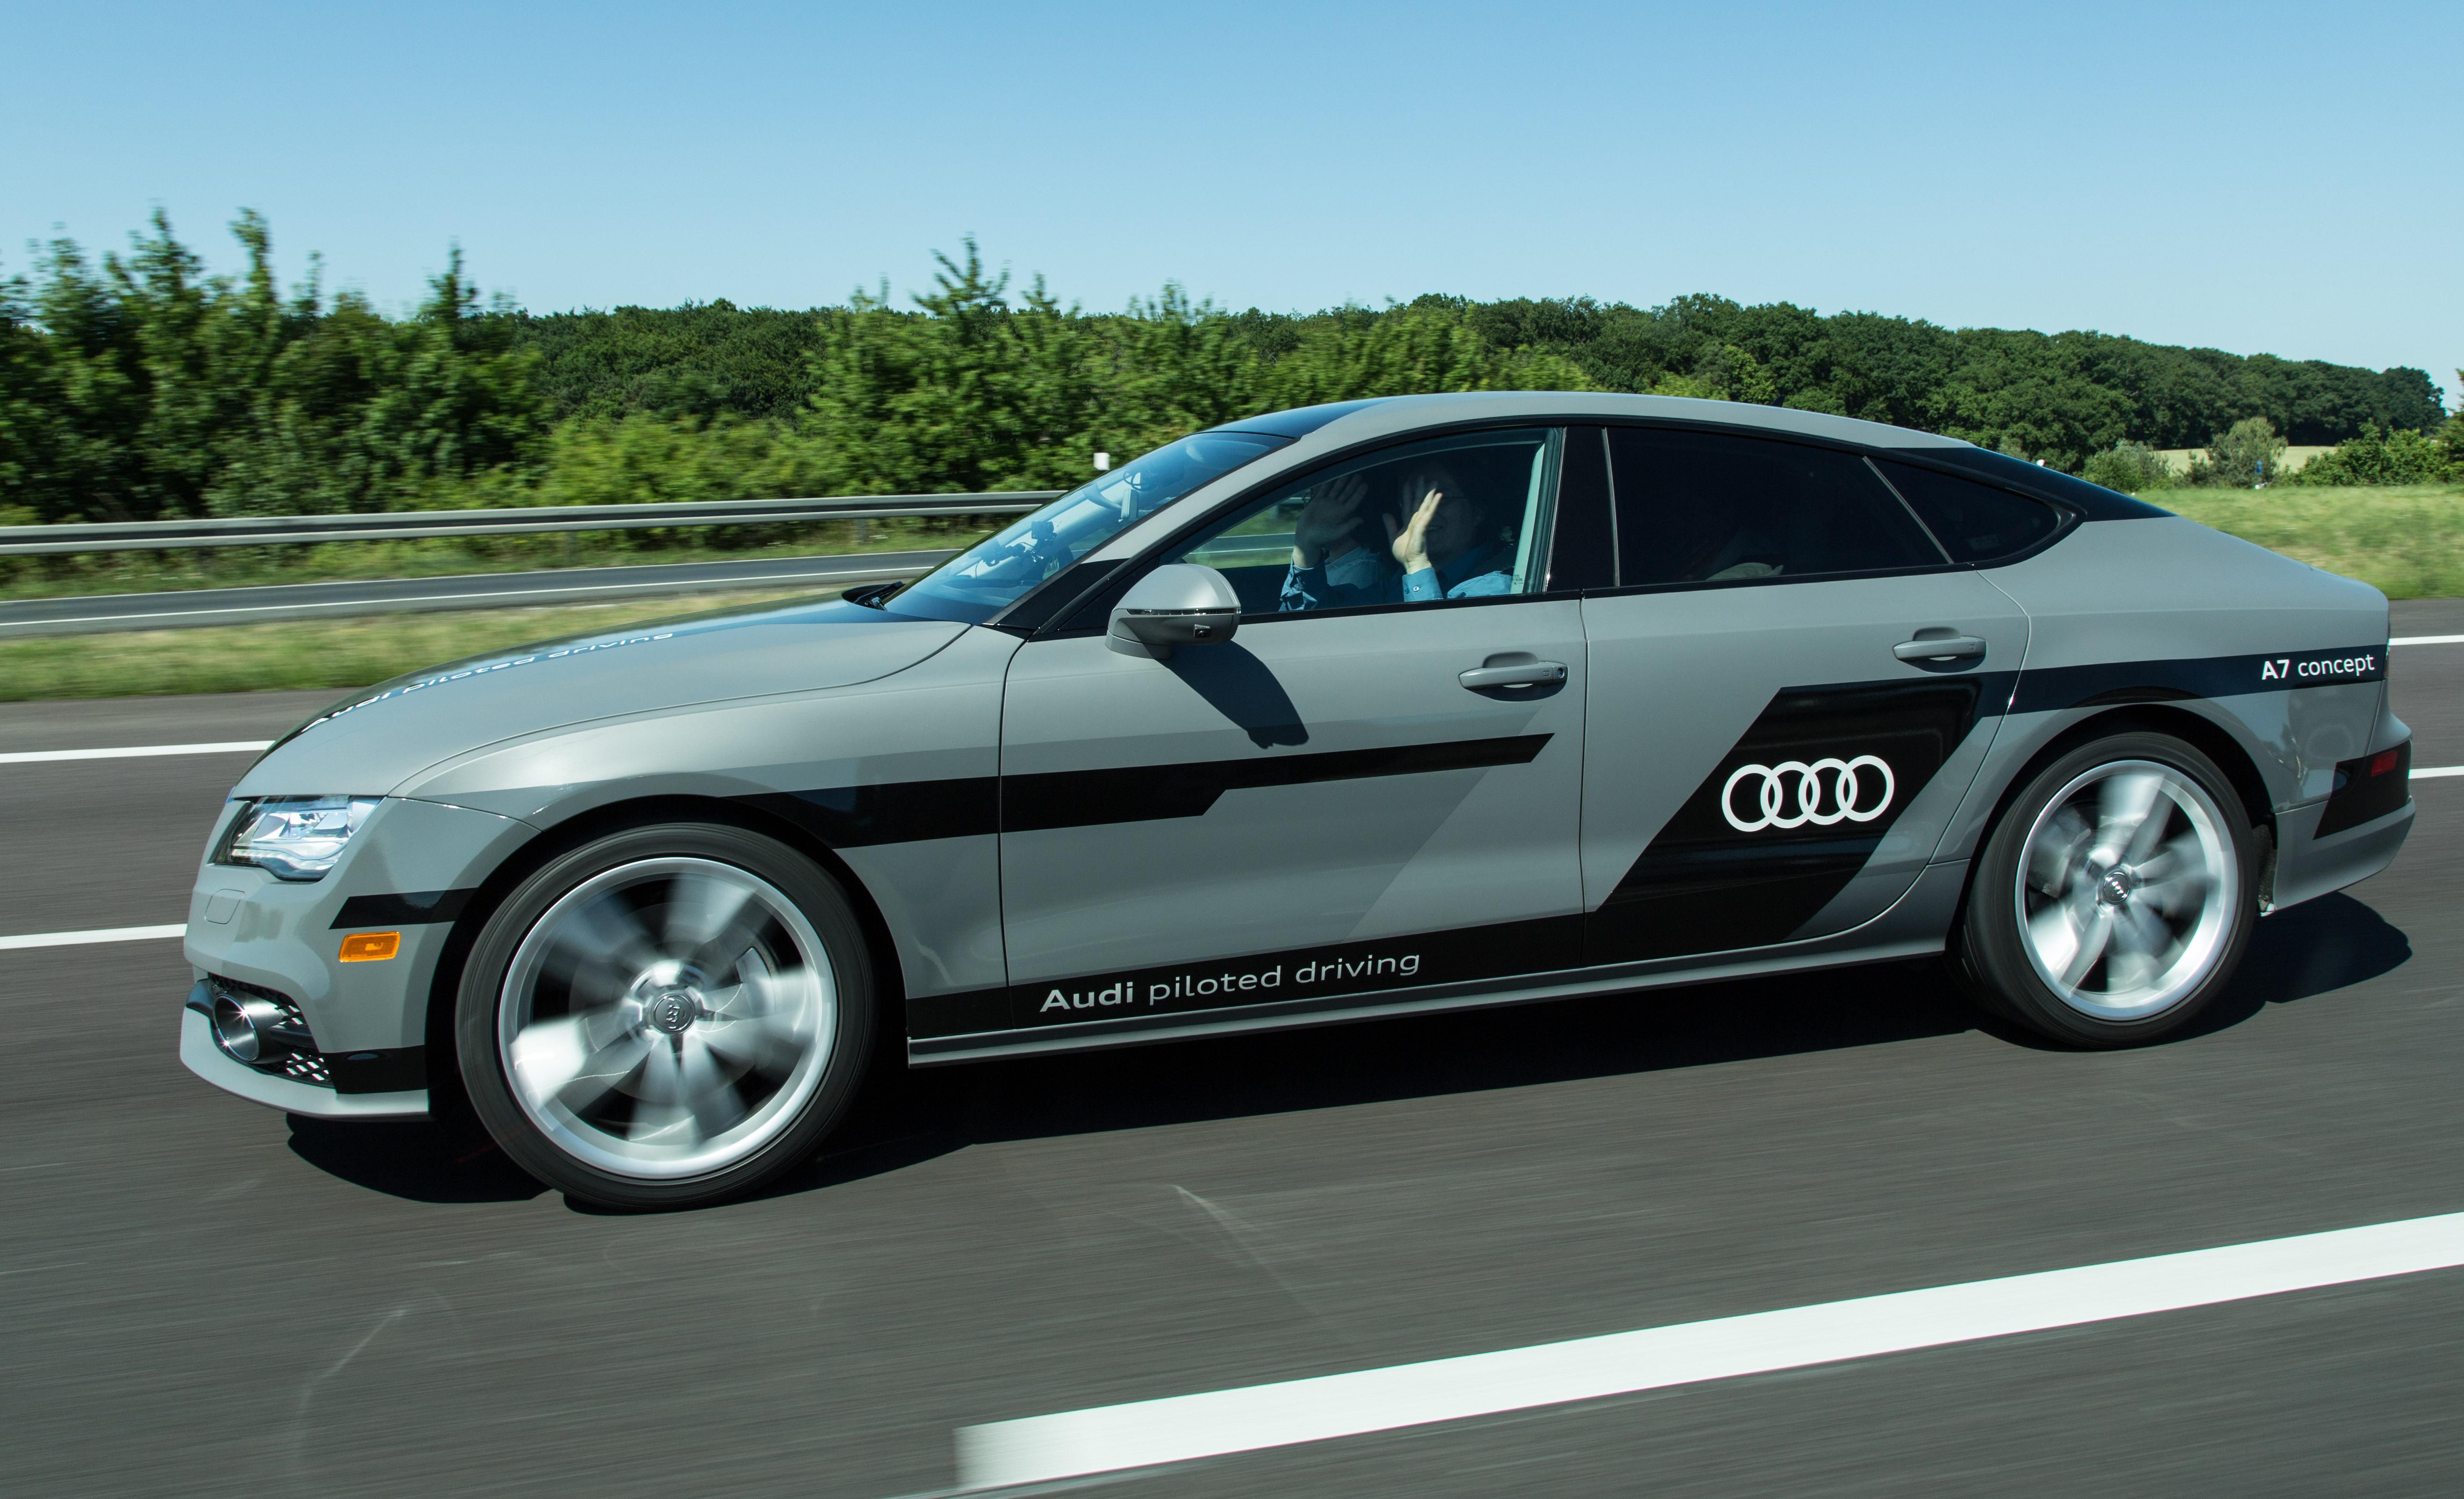 """Autonomes Fahren: Auf dem Highway ist das Lenkrad los - Golem.de testete den hochautomatisierten A7 """"Jack"""" im Juli auf der Autobahn bei Wolfsburg. (Foto: Martin Wolf/Golem.de)"""